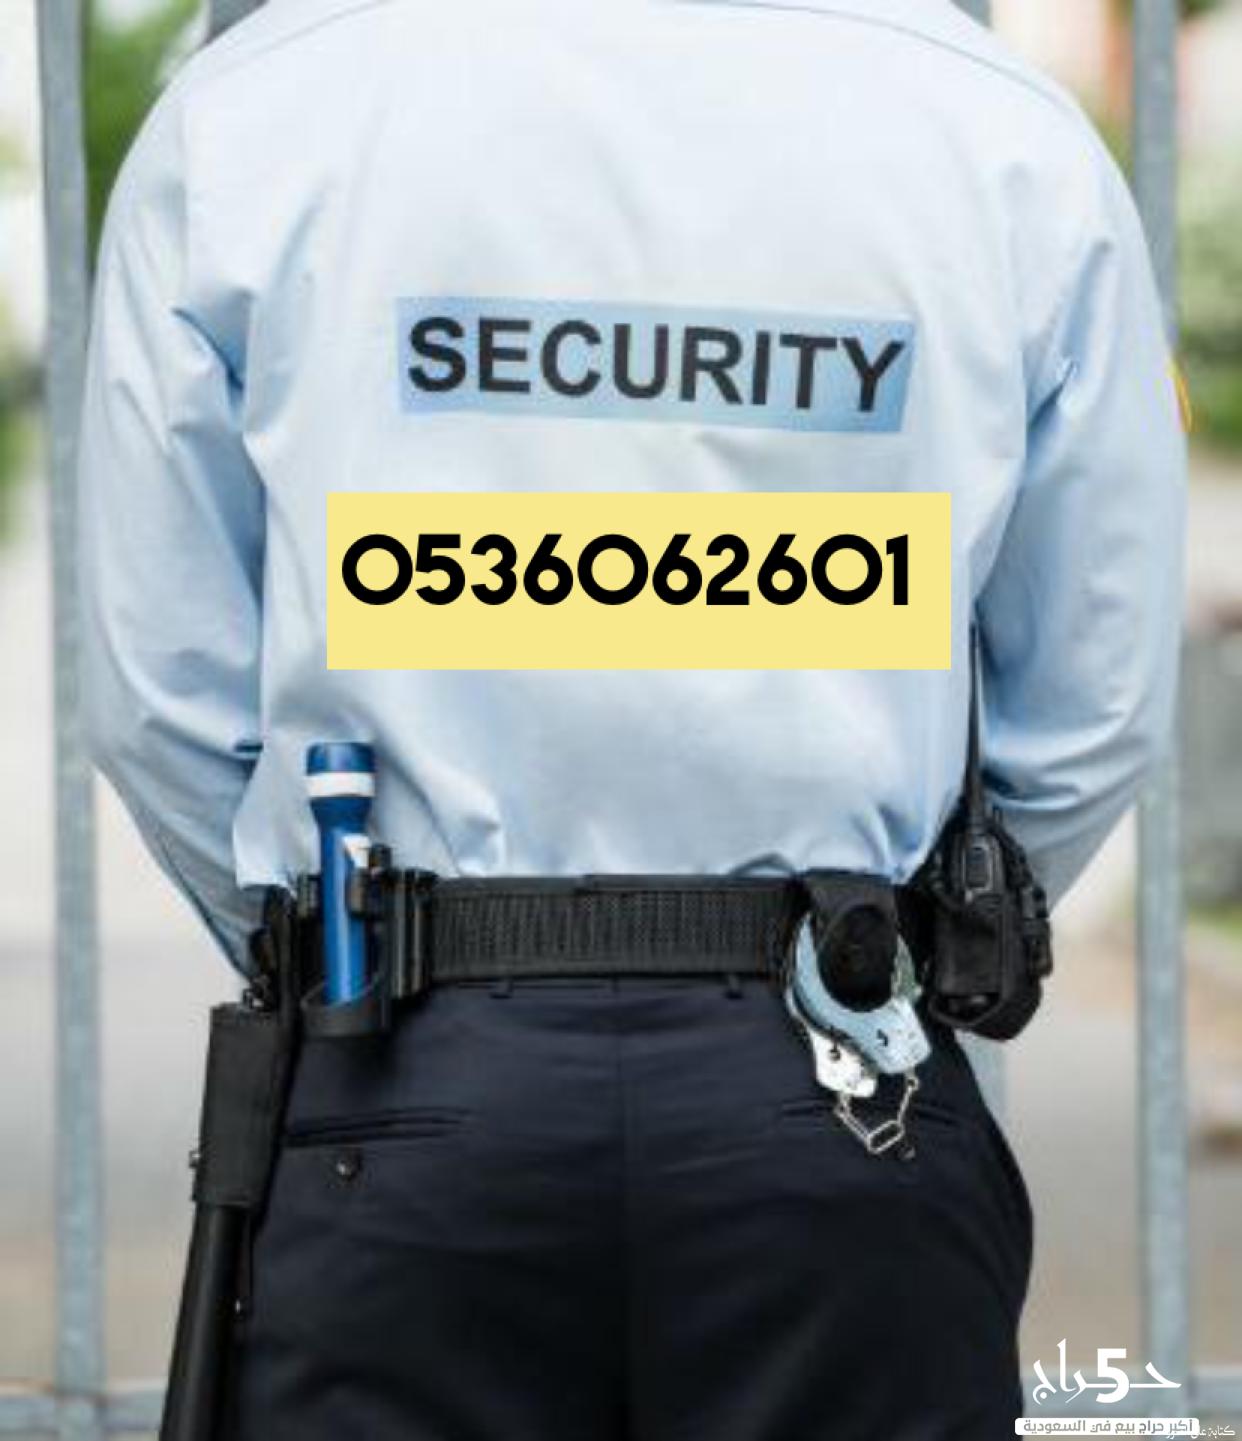 عقود أمنية - شركة حراسات - حراس امن - دوريات - أسعار منافسة